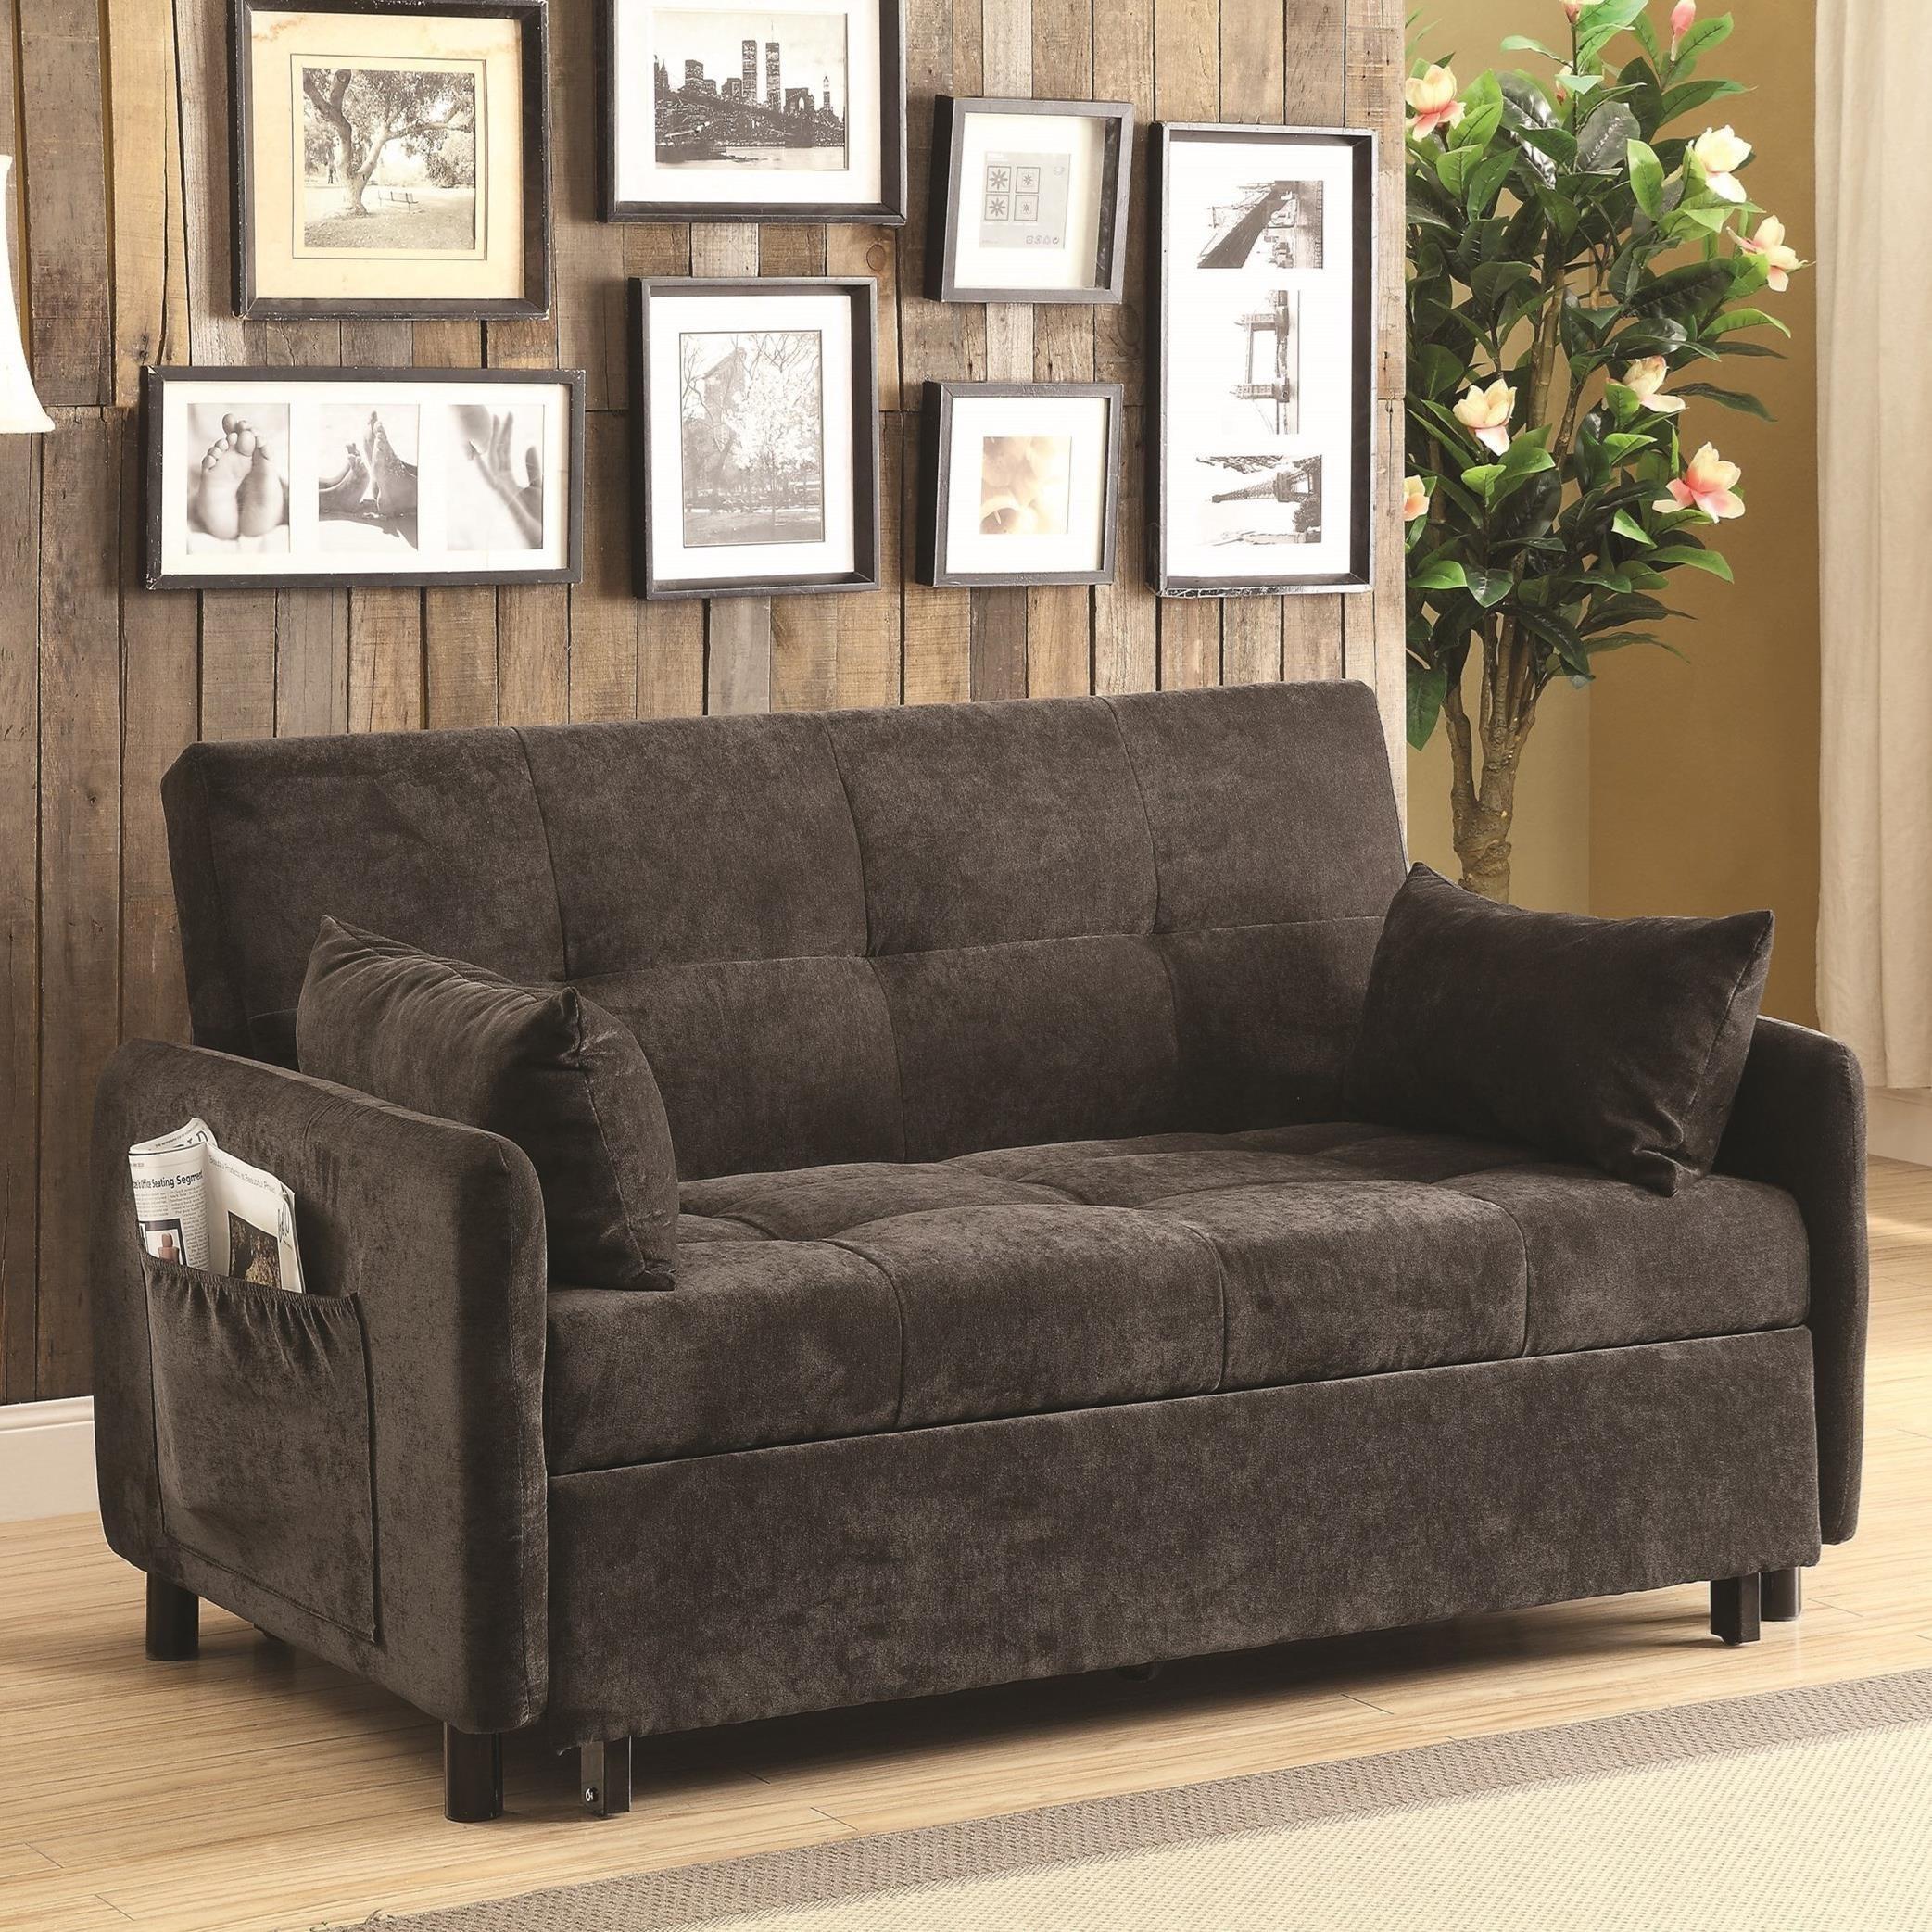 Coaster Futons Dark Brown Sofa Bed – Del Sol Furniture – Futons Regarding Coaster Futon Sofa Beds (Image 11 of 20)